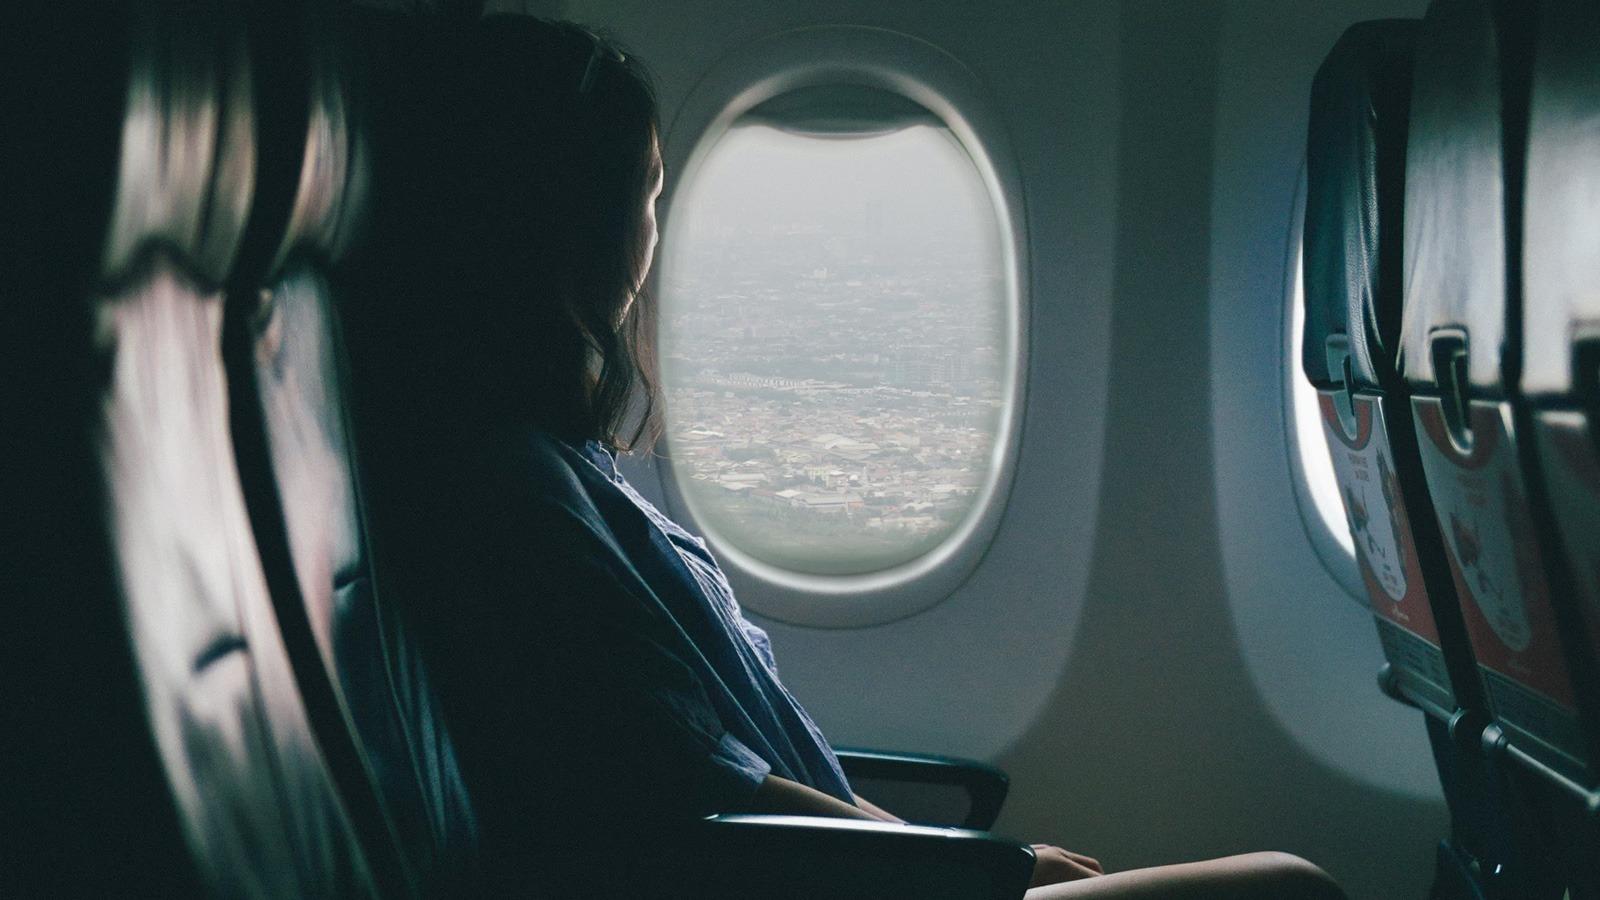 Une femme assise dans l'avion regarde par le hublot